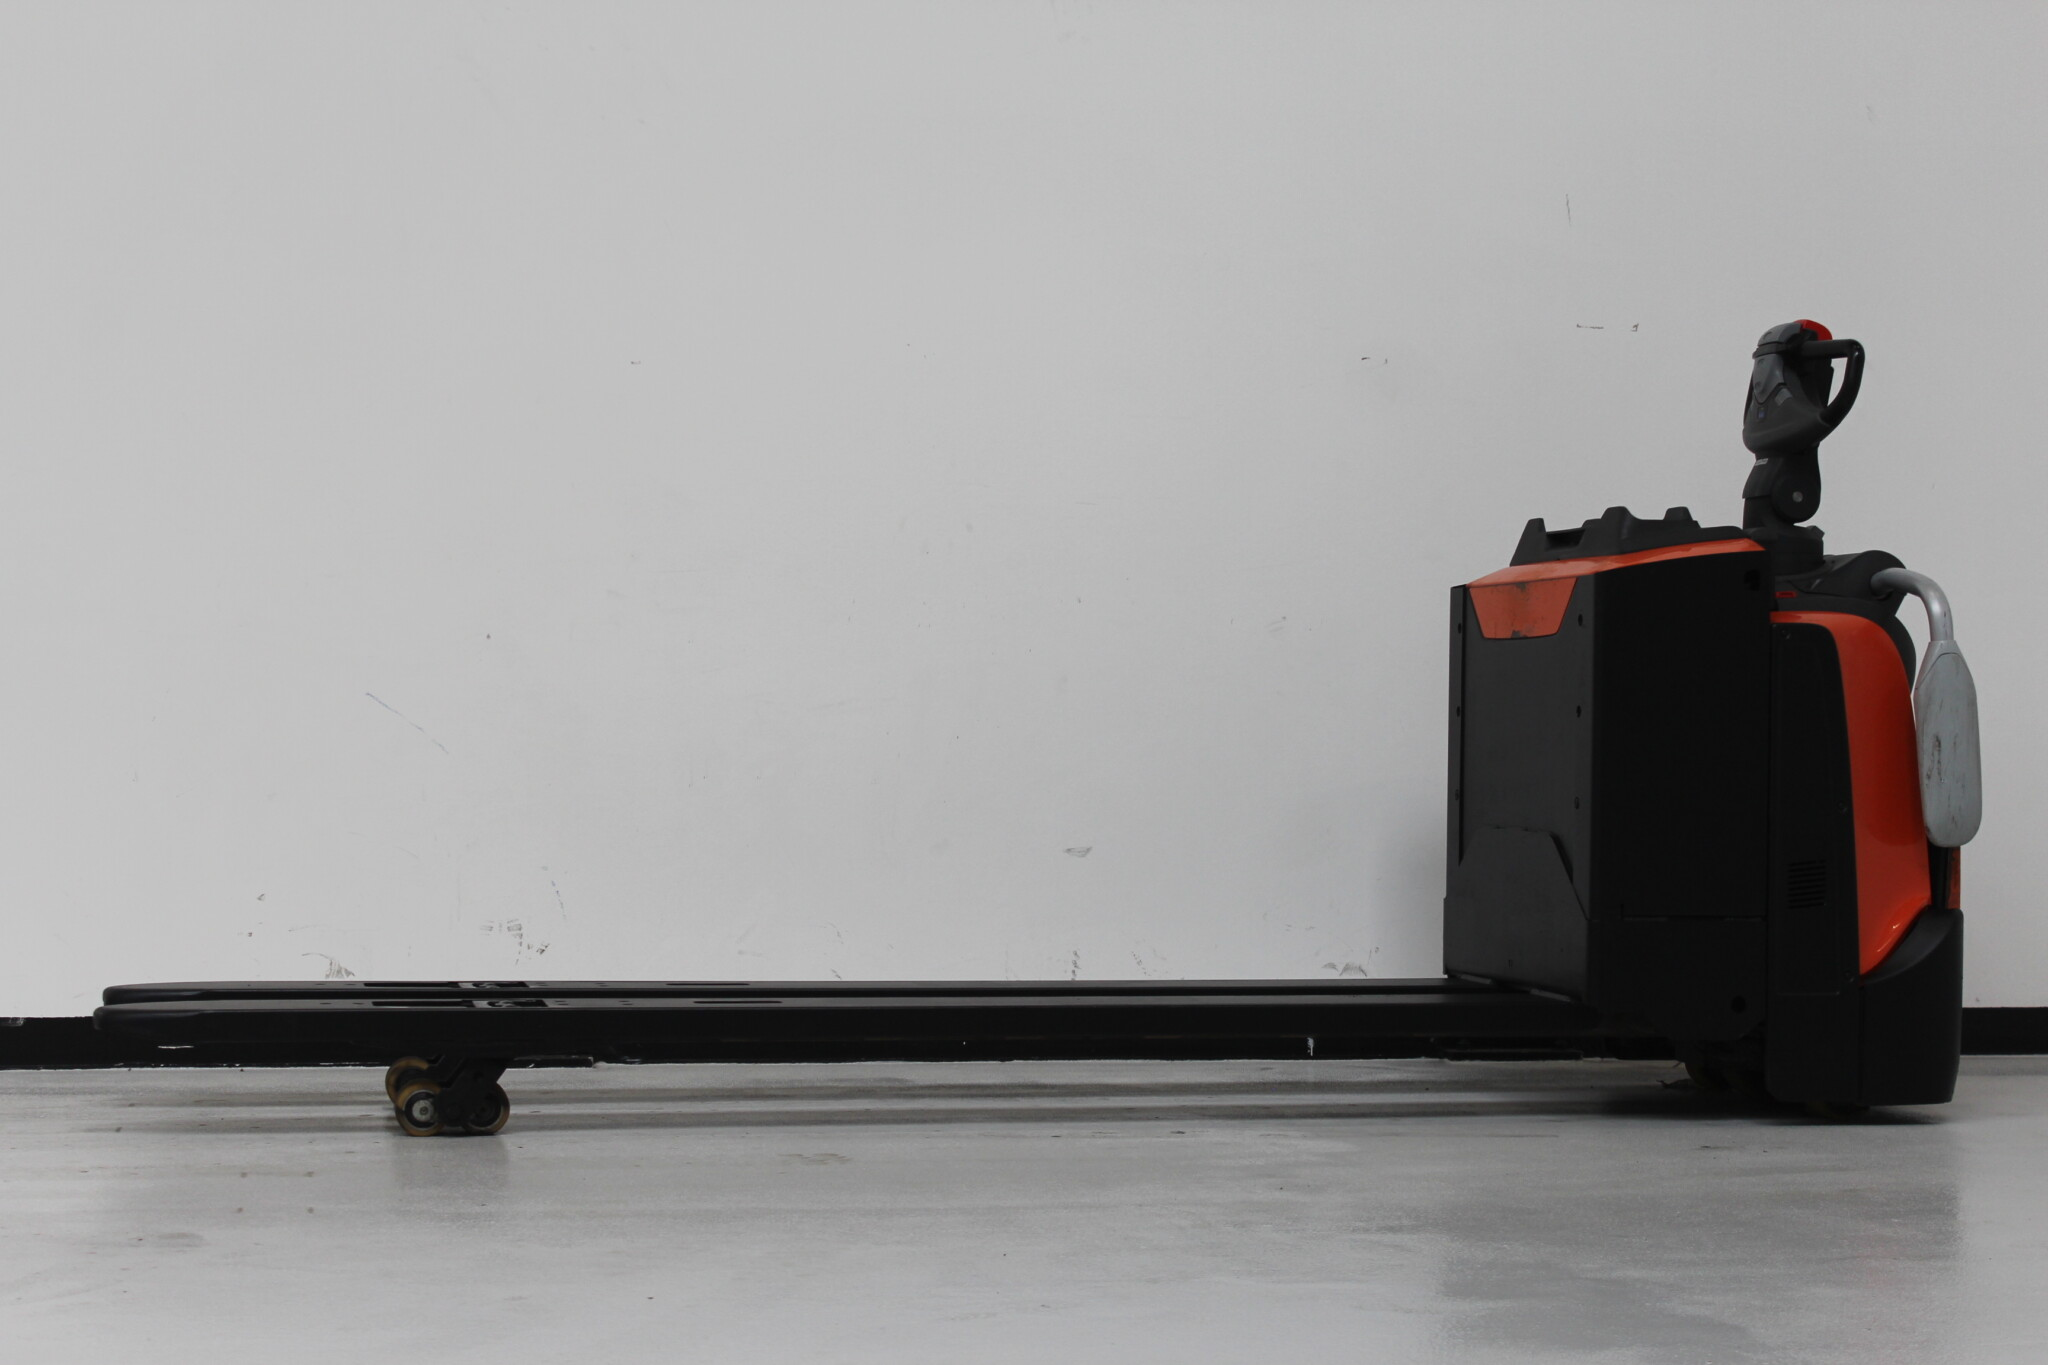 Toyota-Gabelstapler-59840 1803015646 1 scaled